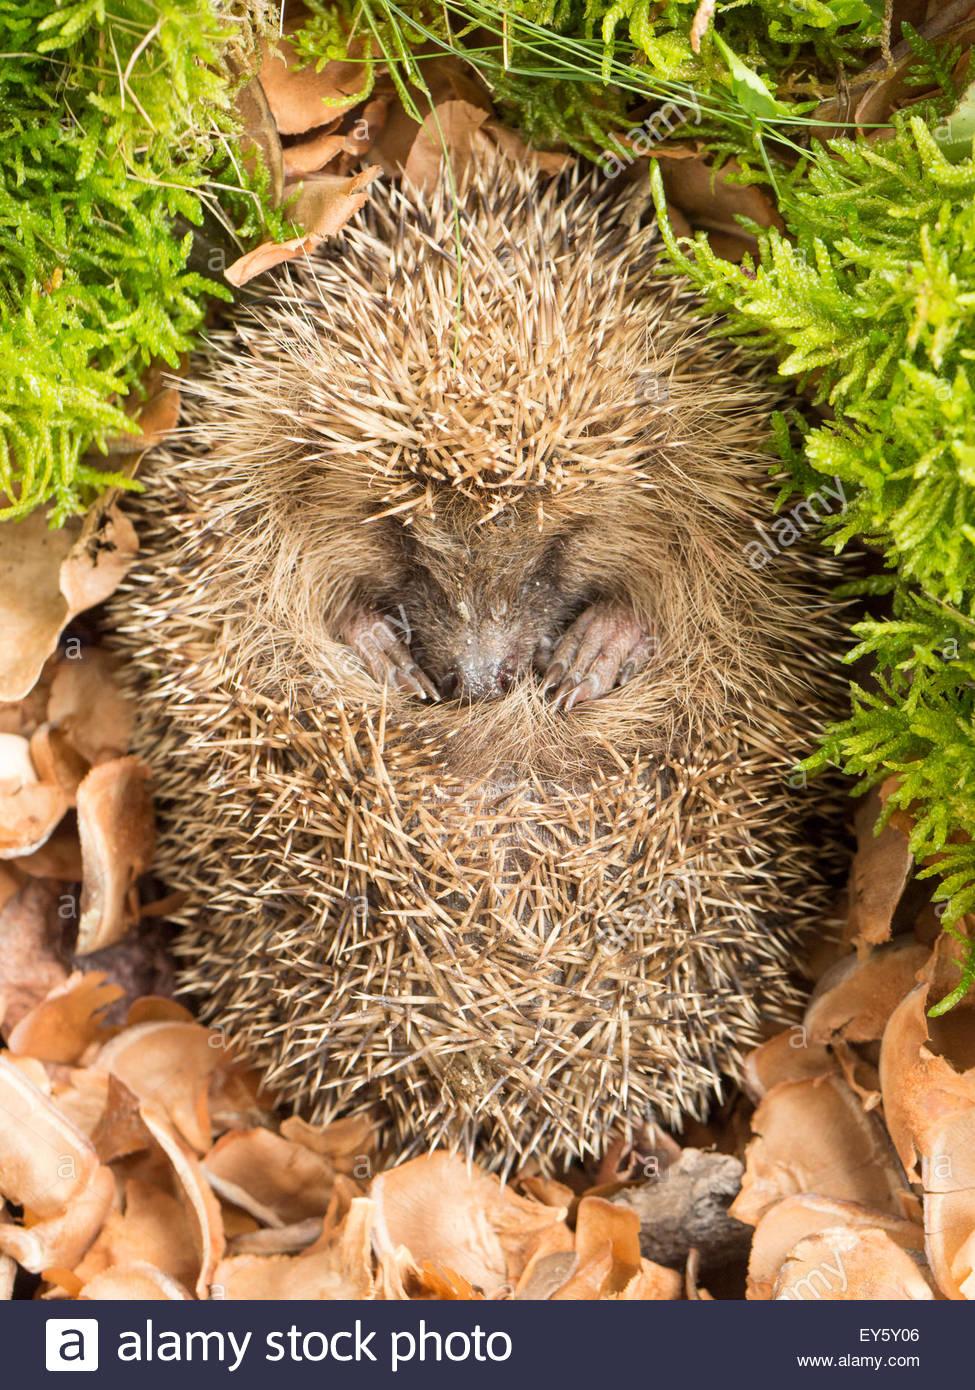 Hedgehog in a garden - Stock Image